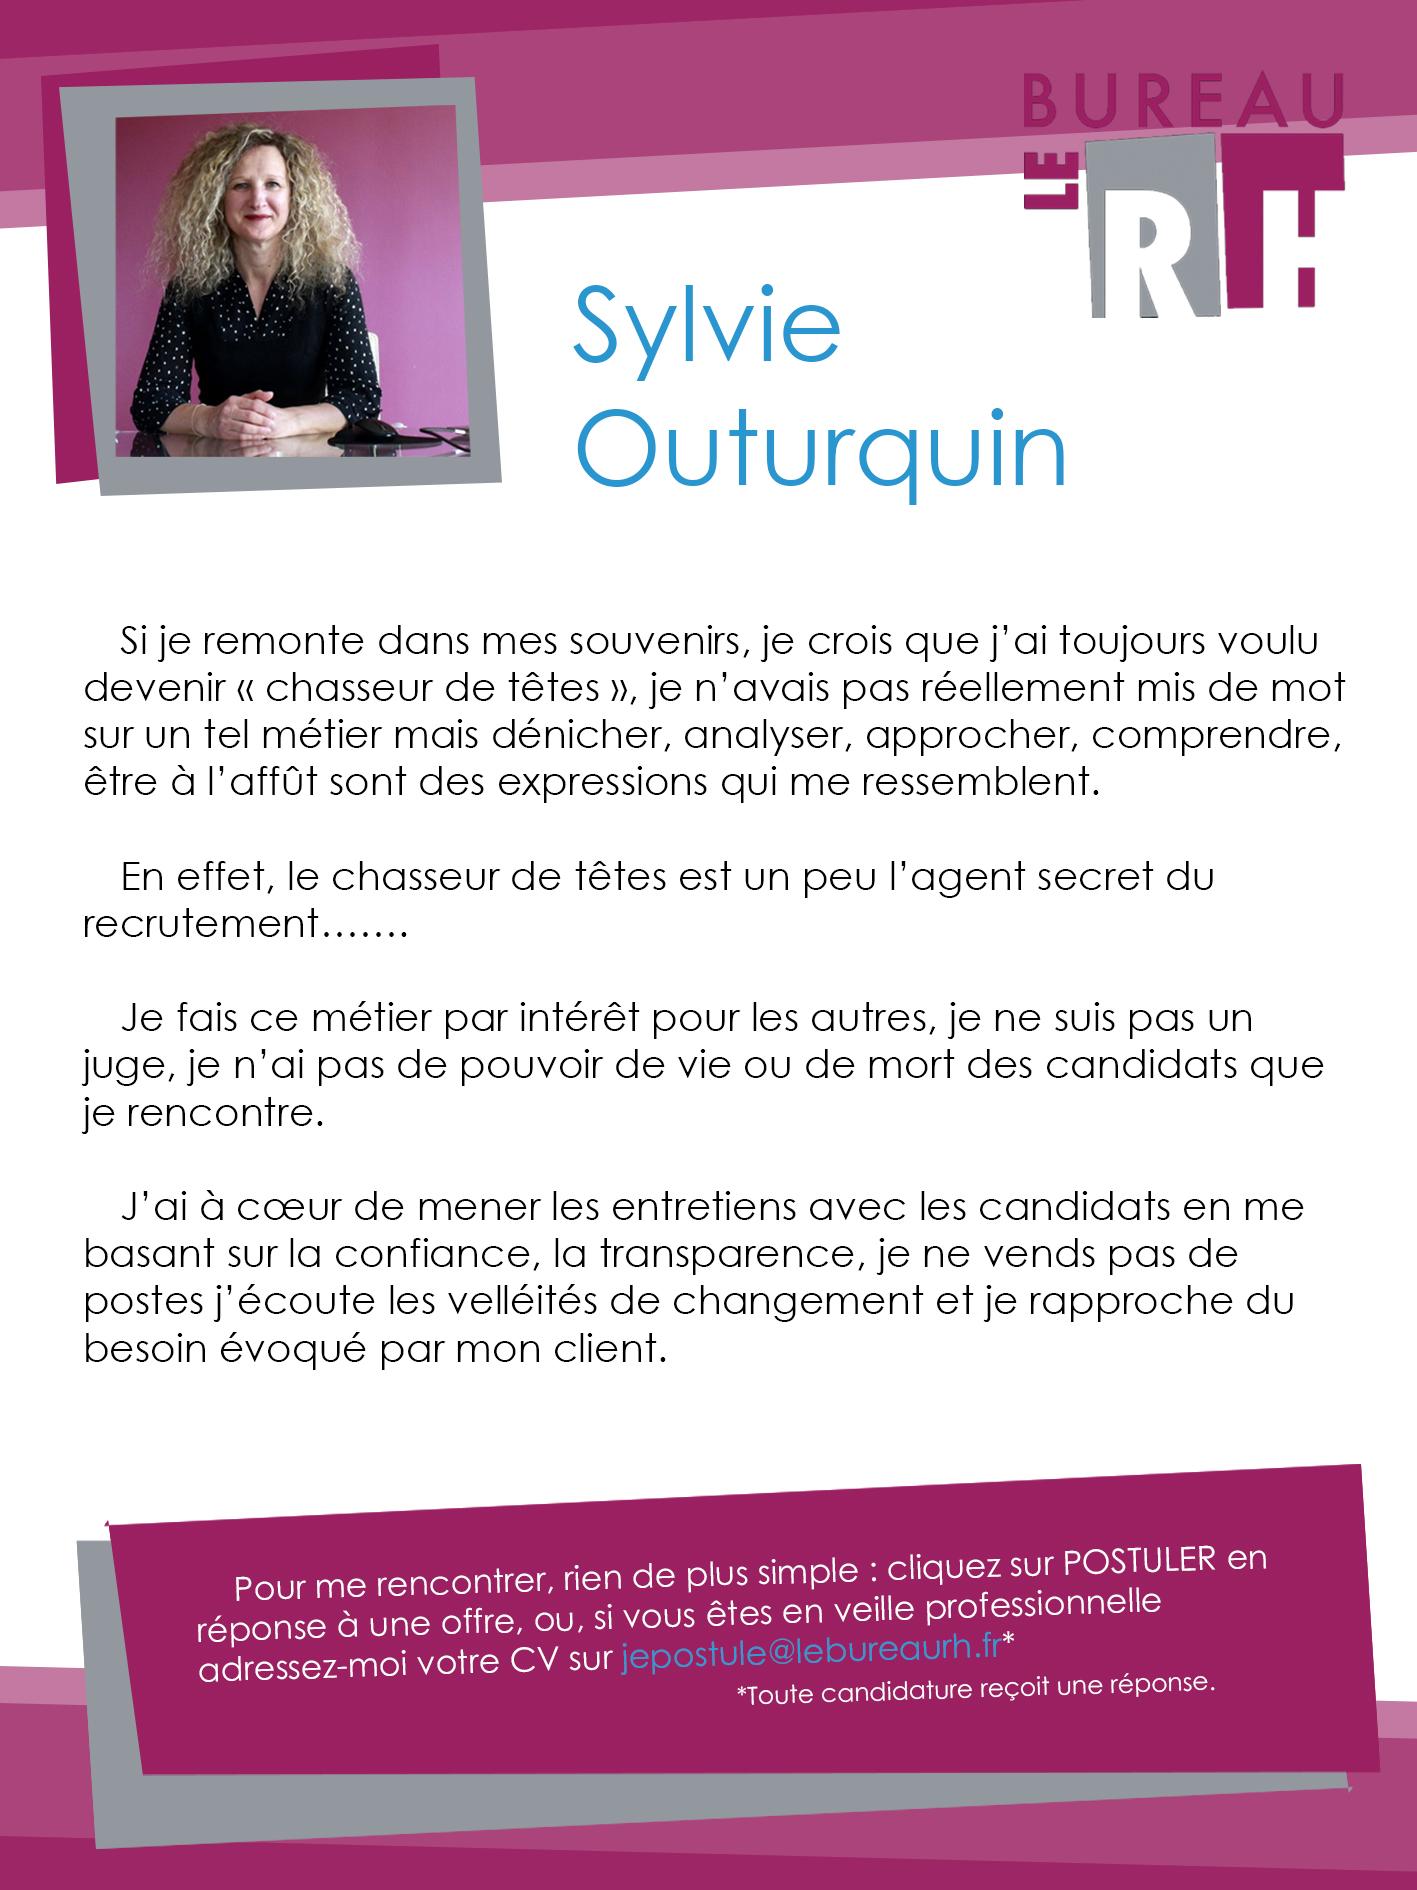 sylvie outurquin